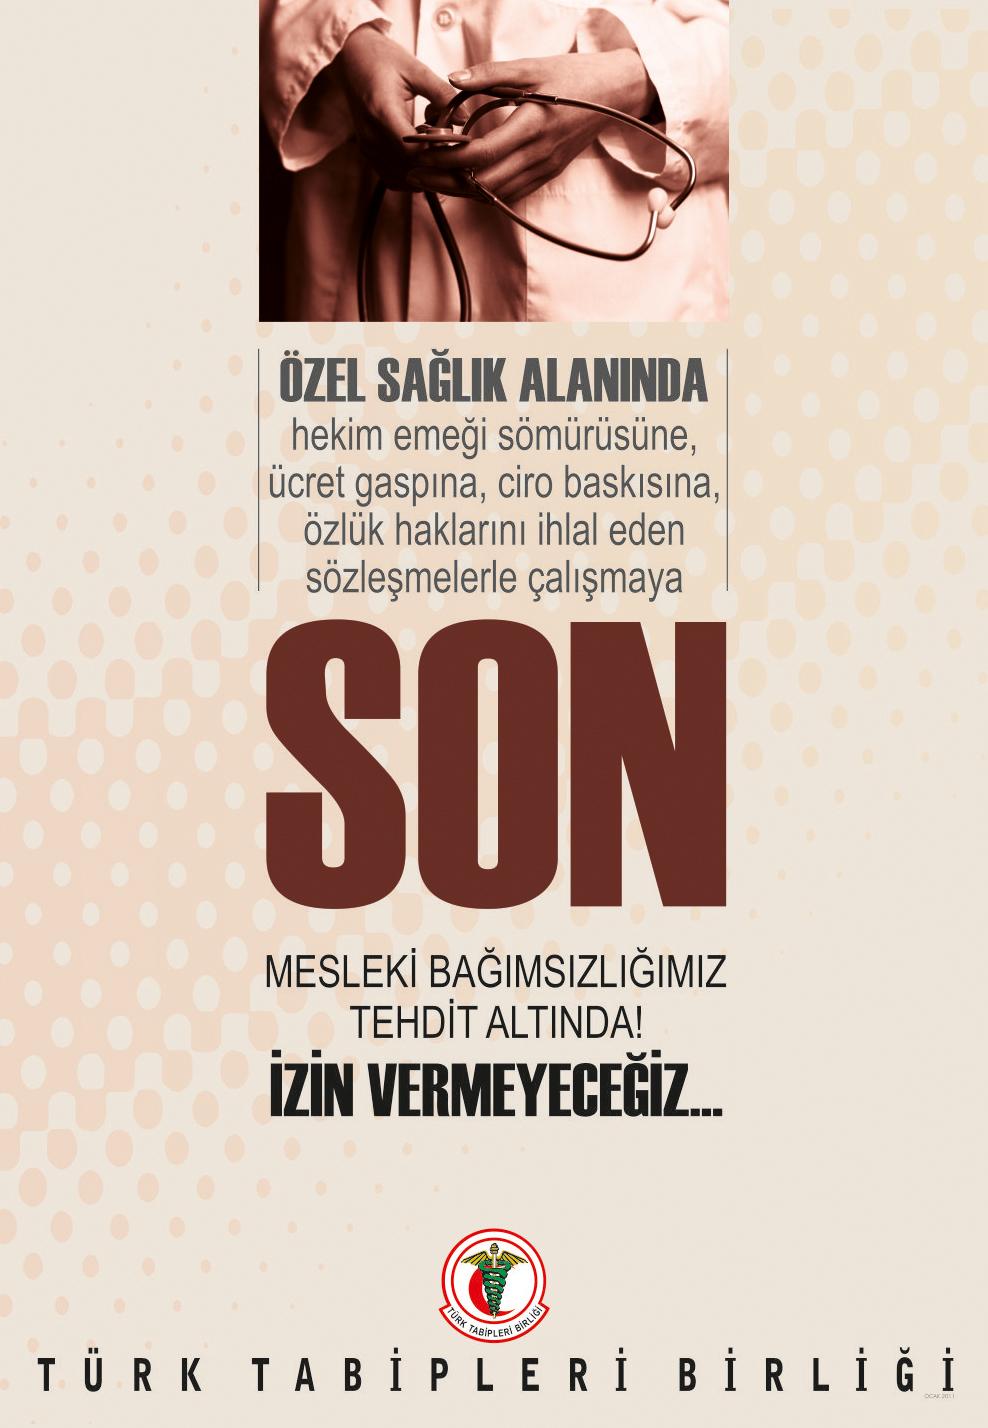 ozel_hekimlik